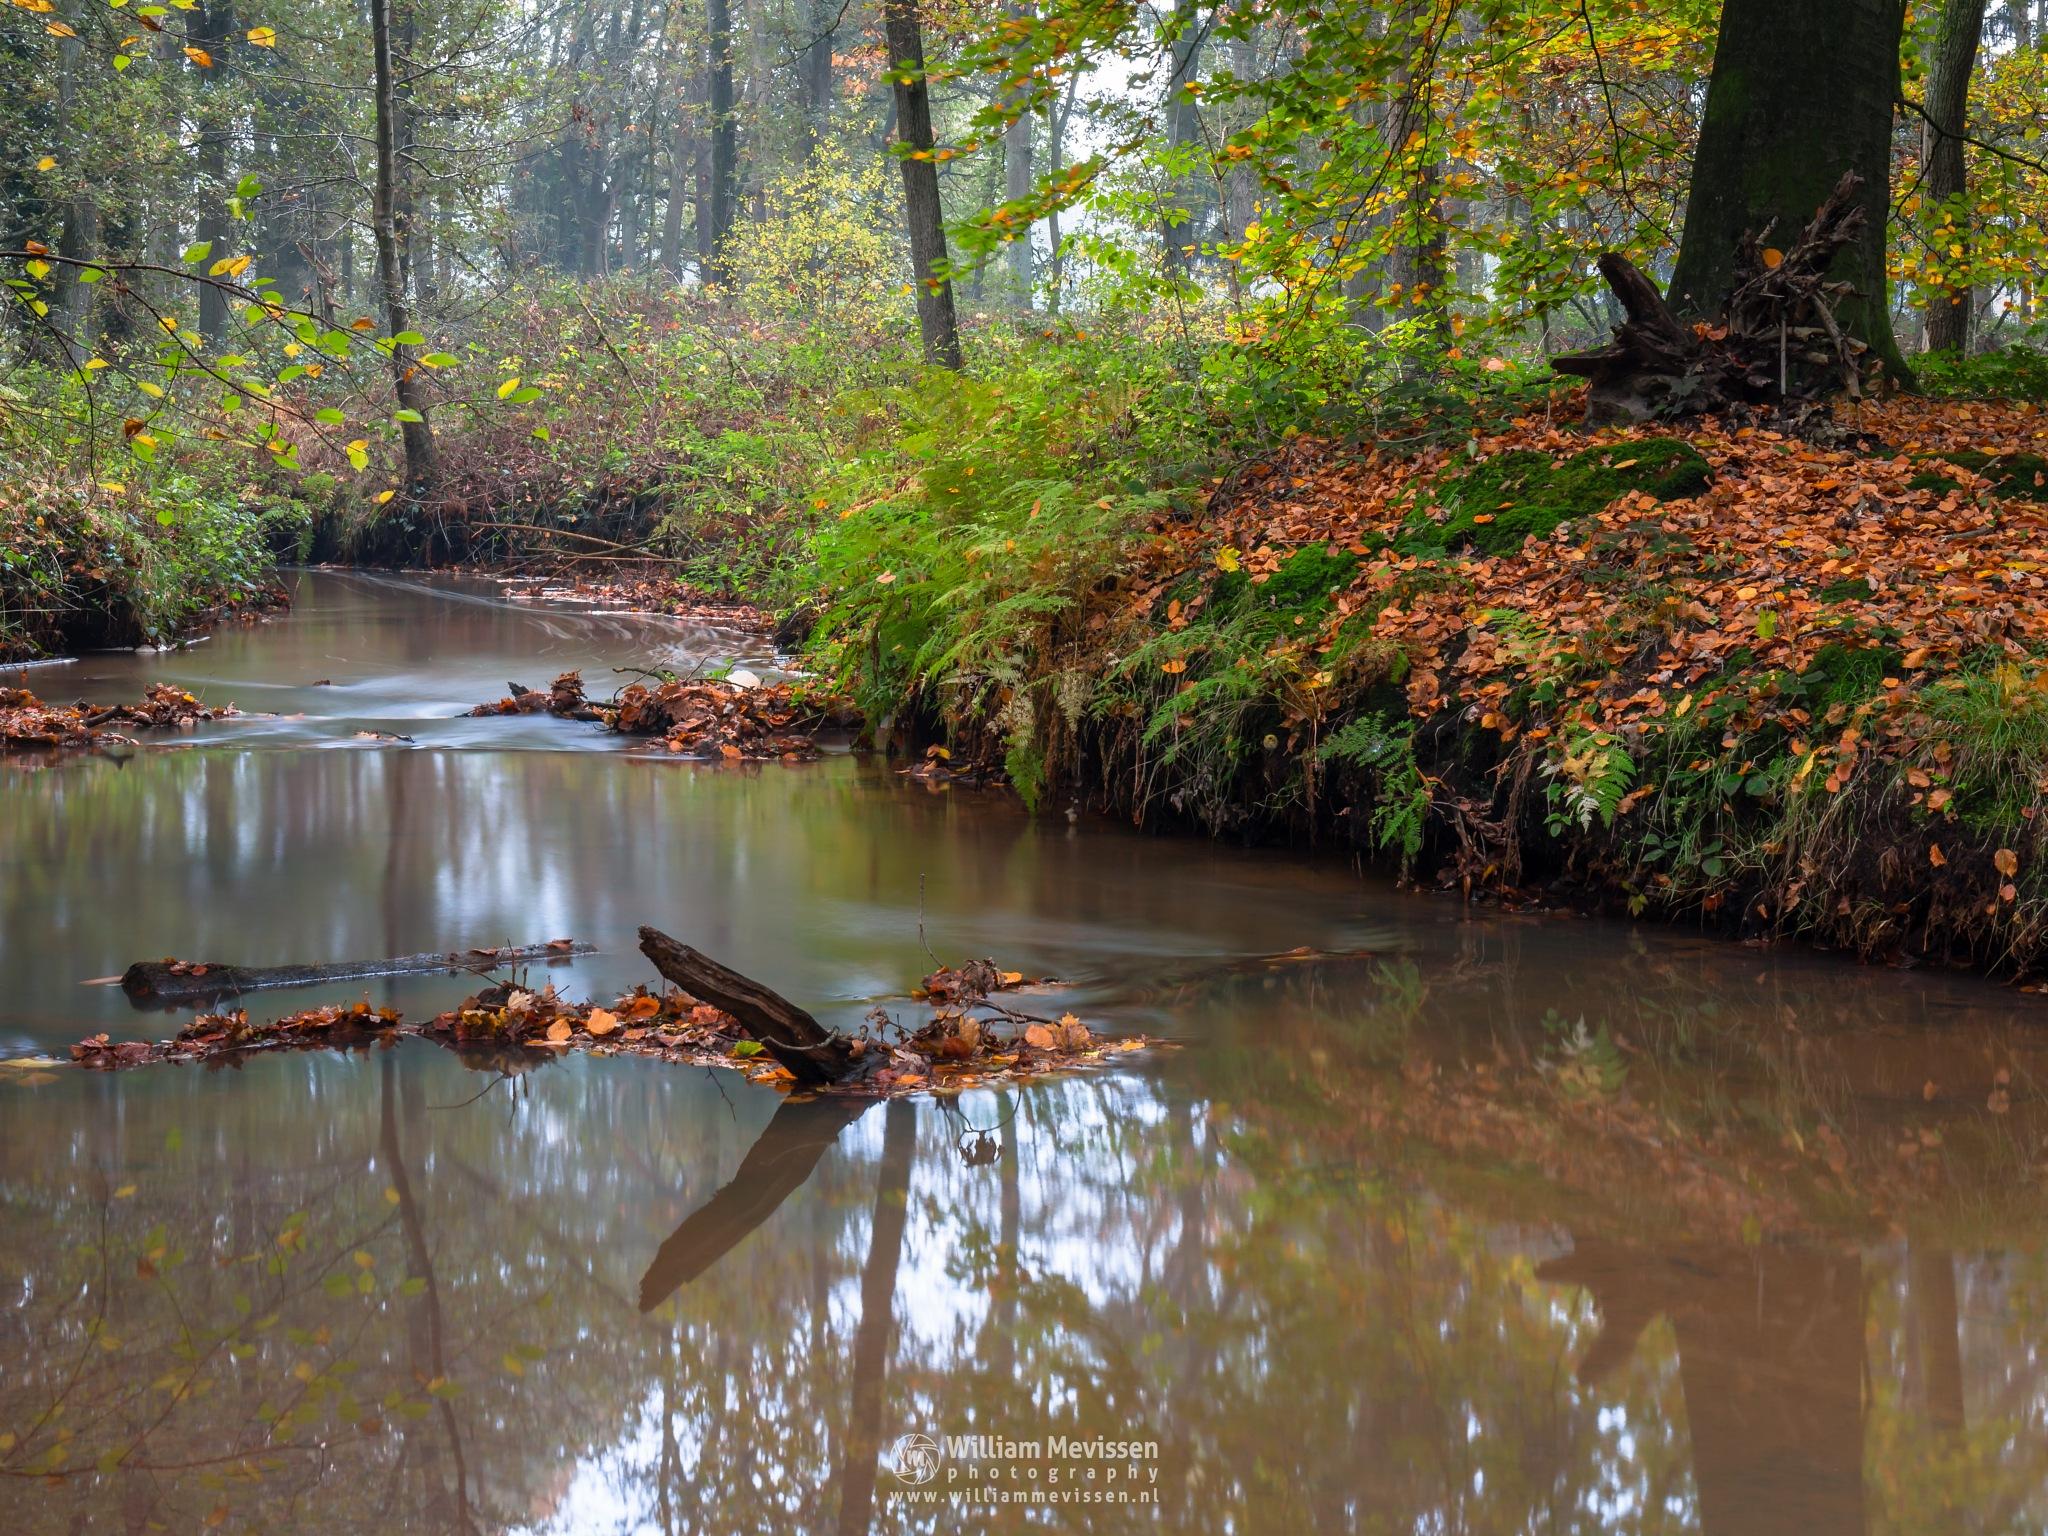 Photo in Nature #geijsteren #venray #oostrum #landgoed geijsteren #limburg #noord-limburg #forest #woods #nature #autumn #geysteren #meandering #brook #reflections #oostrumse beek